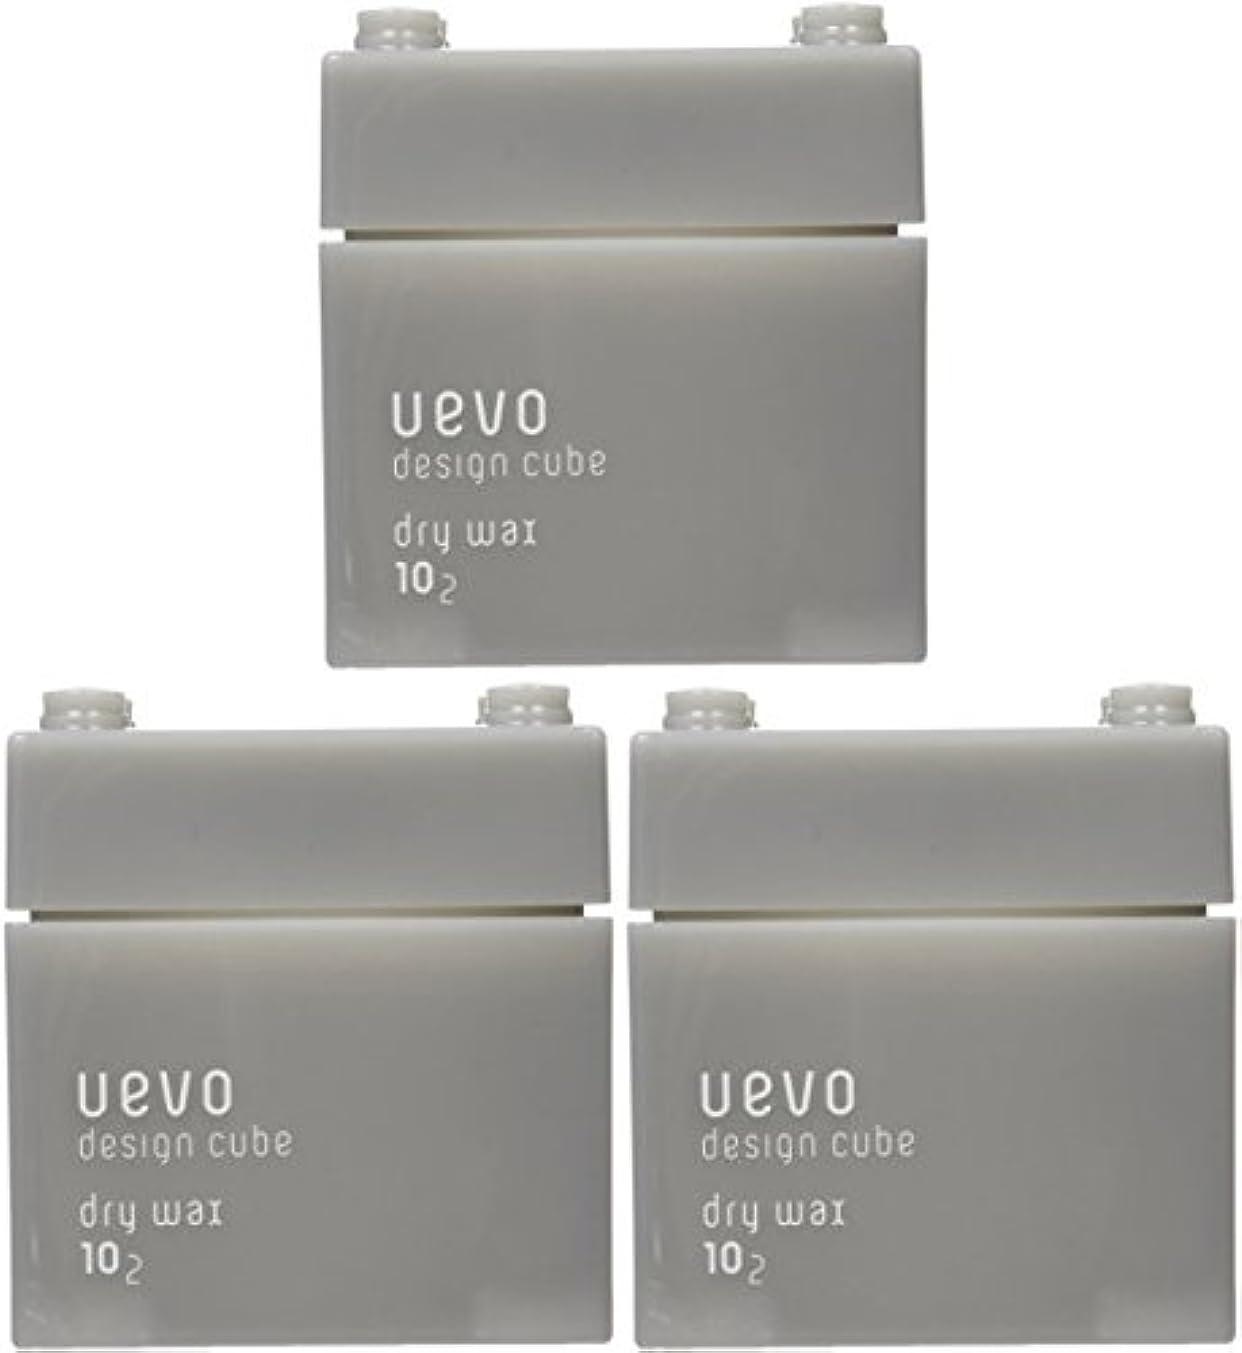 含む科学アルバニー【X3個セット】 デミ ウェーボ デザインキューブ ドライワックス 80g dry wax DEMI uevo design cube